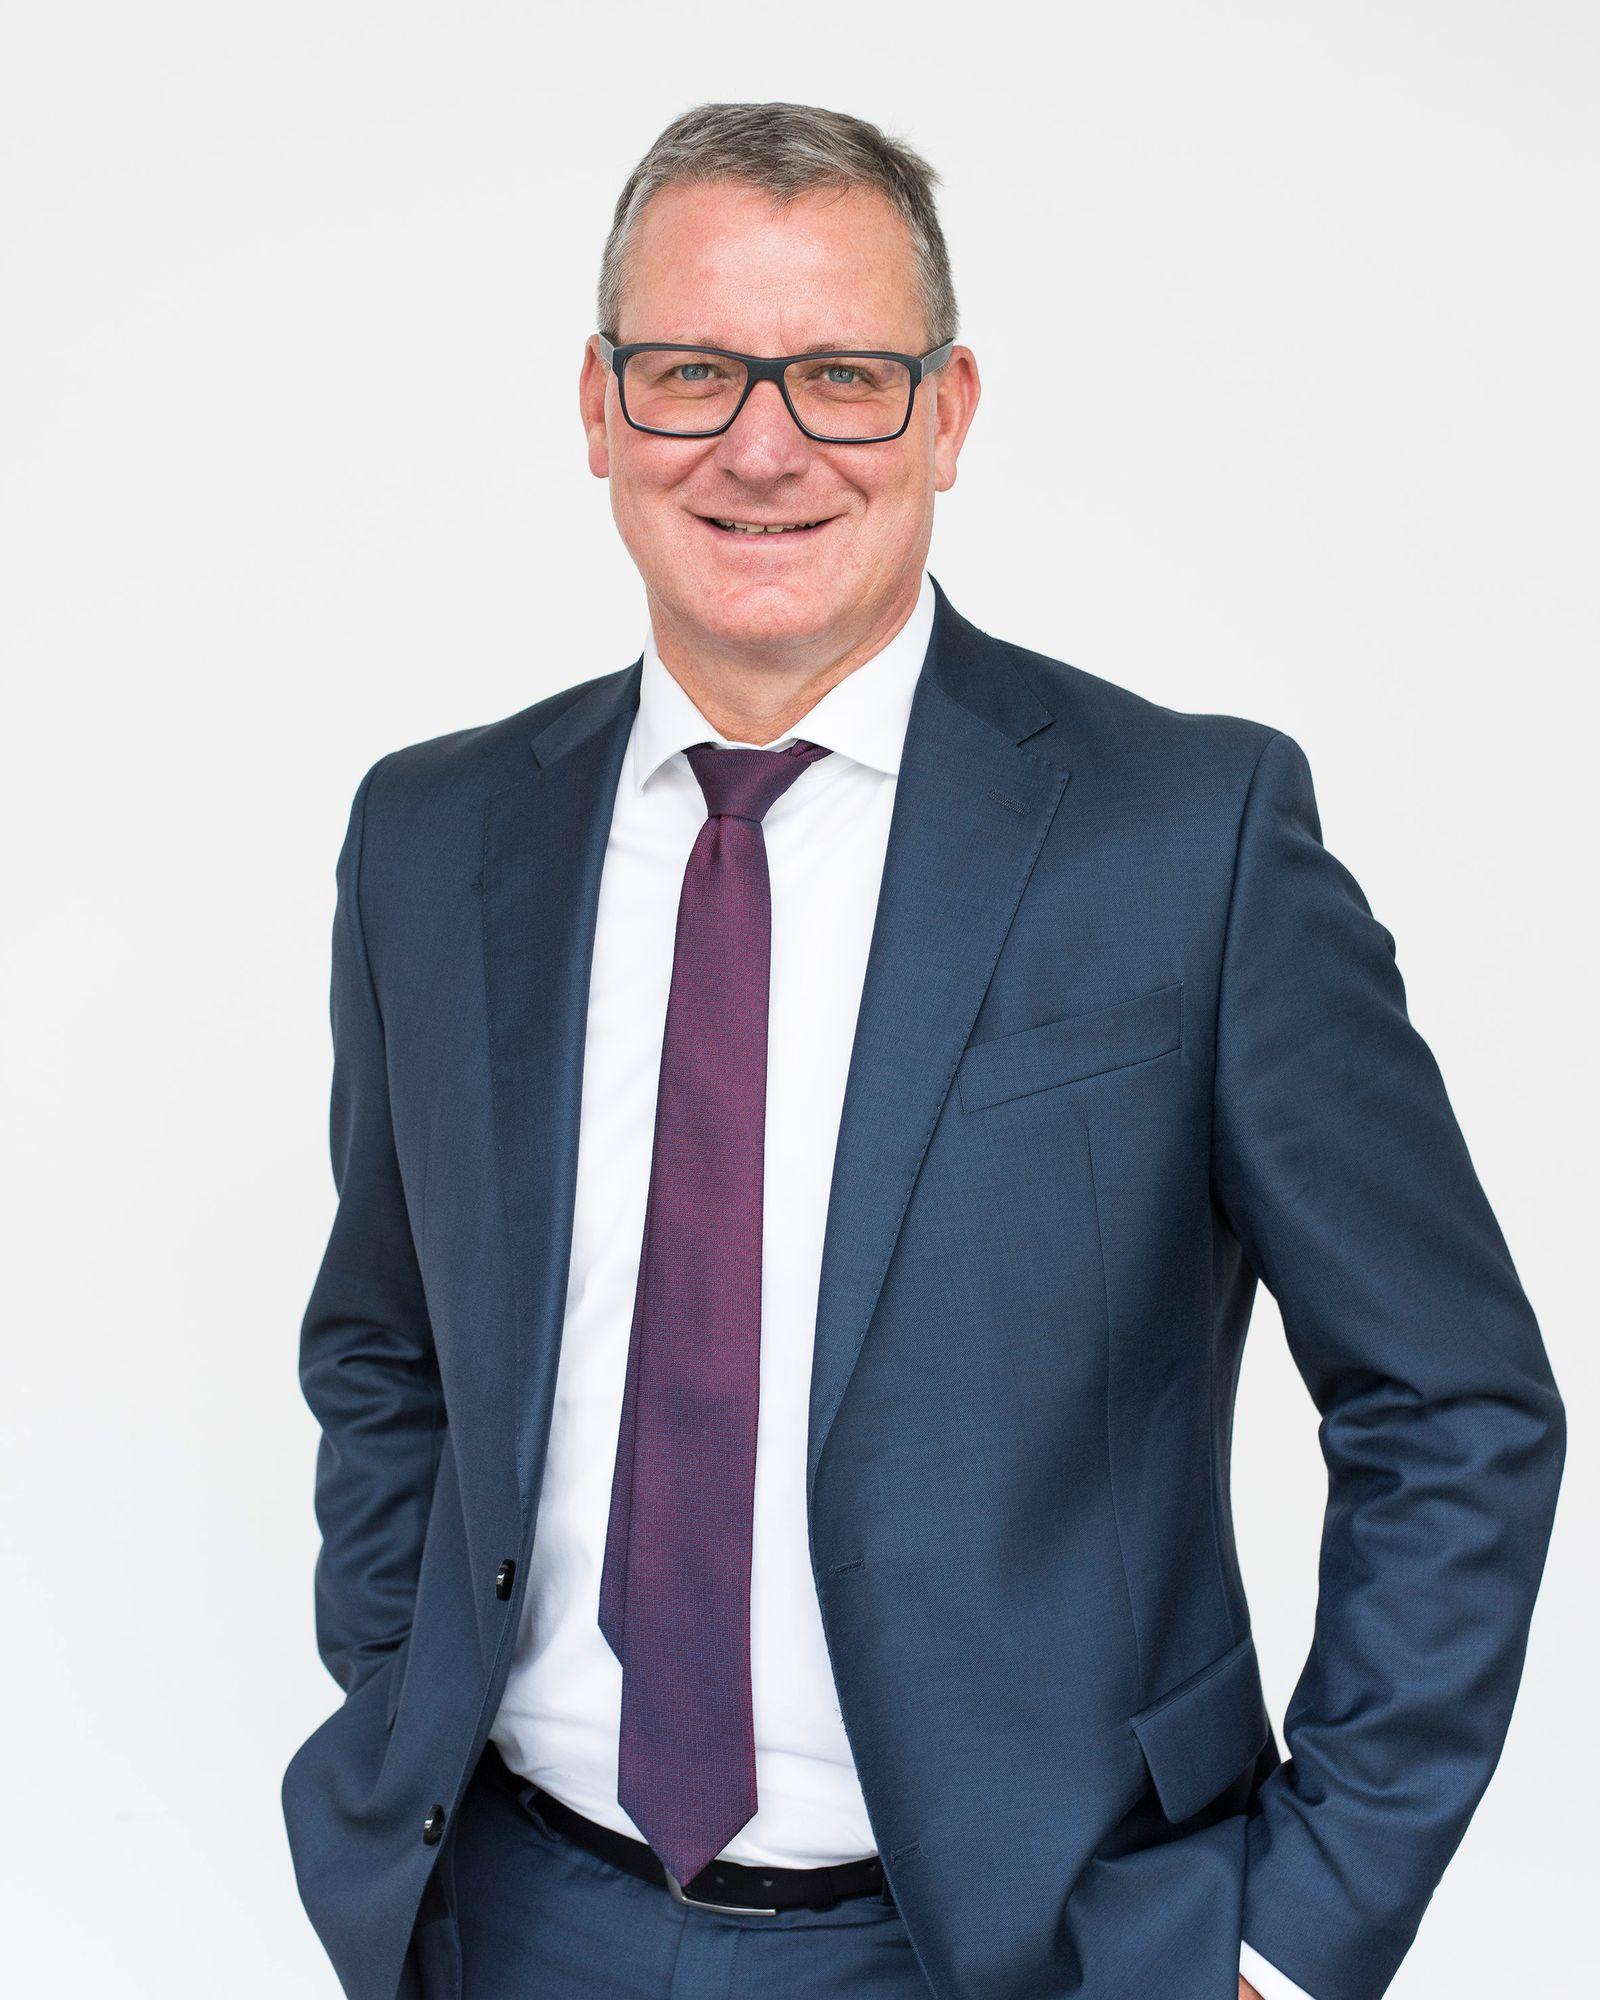 Martin Wambach